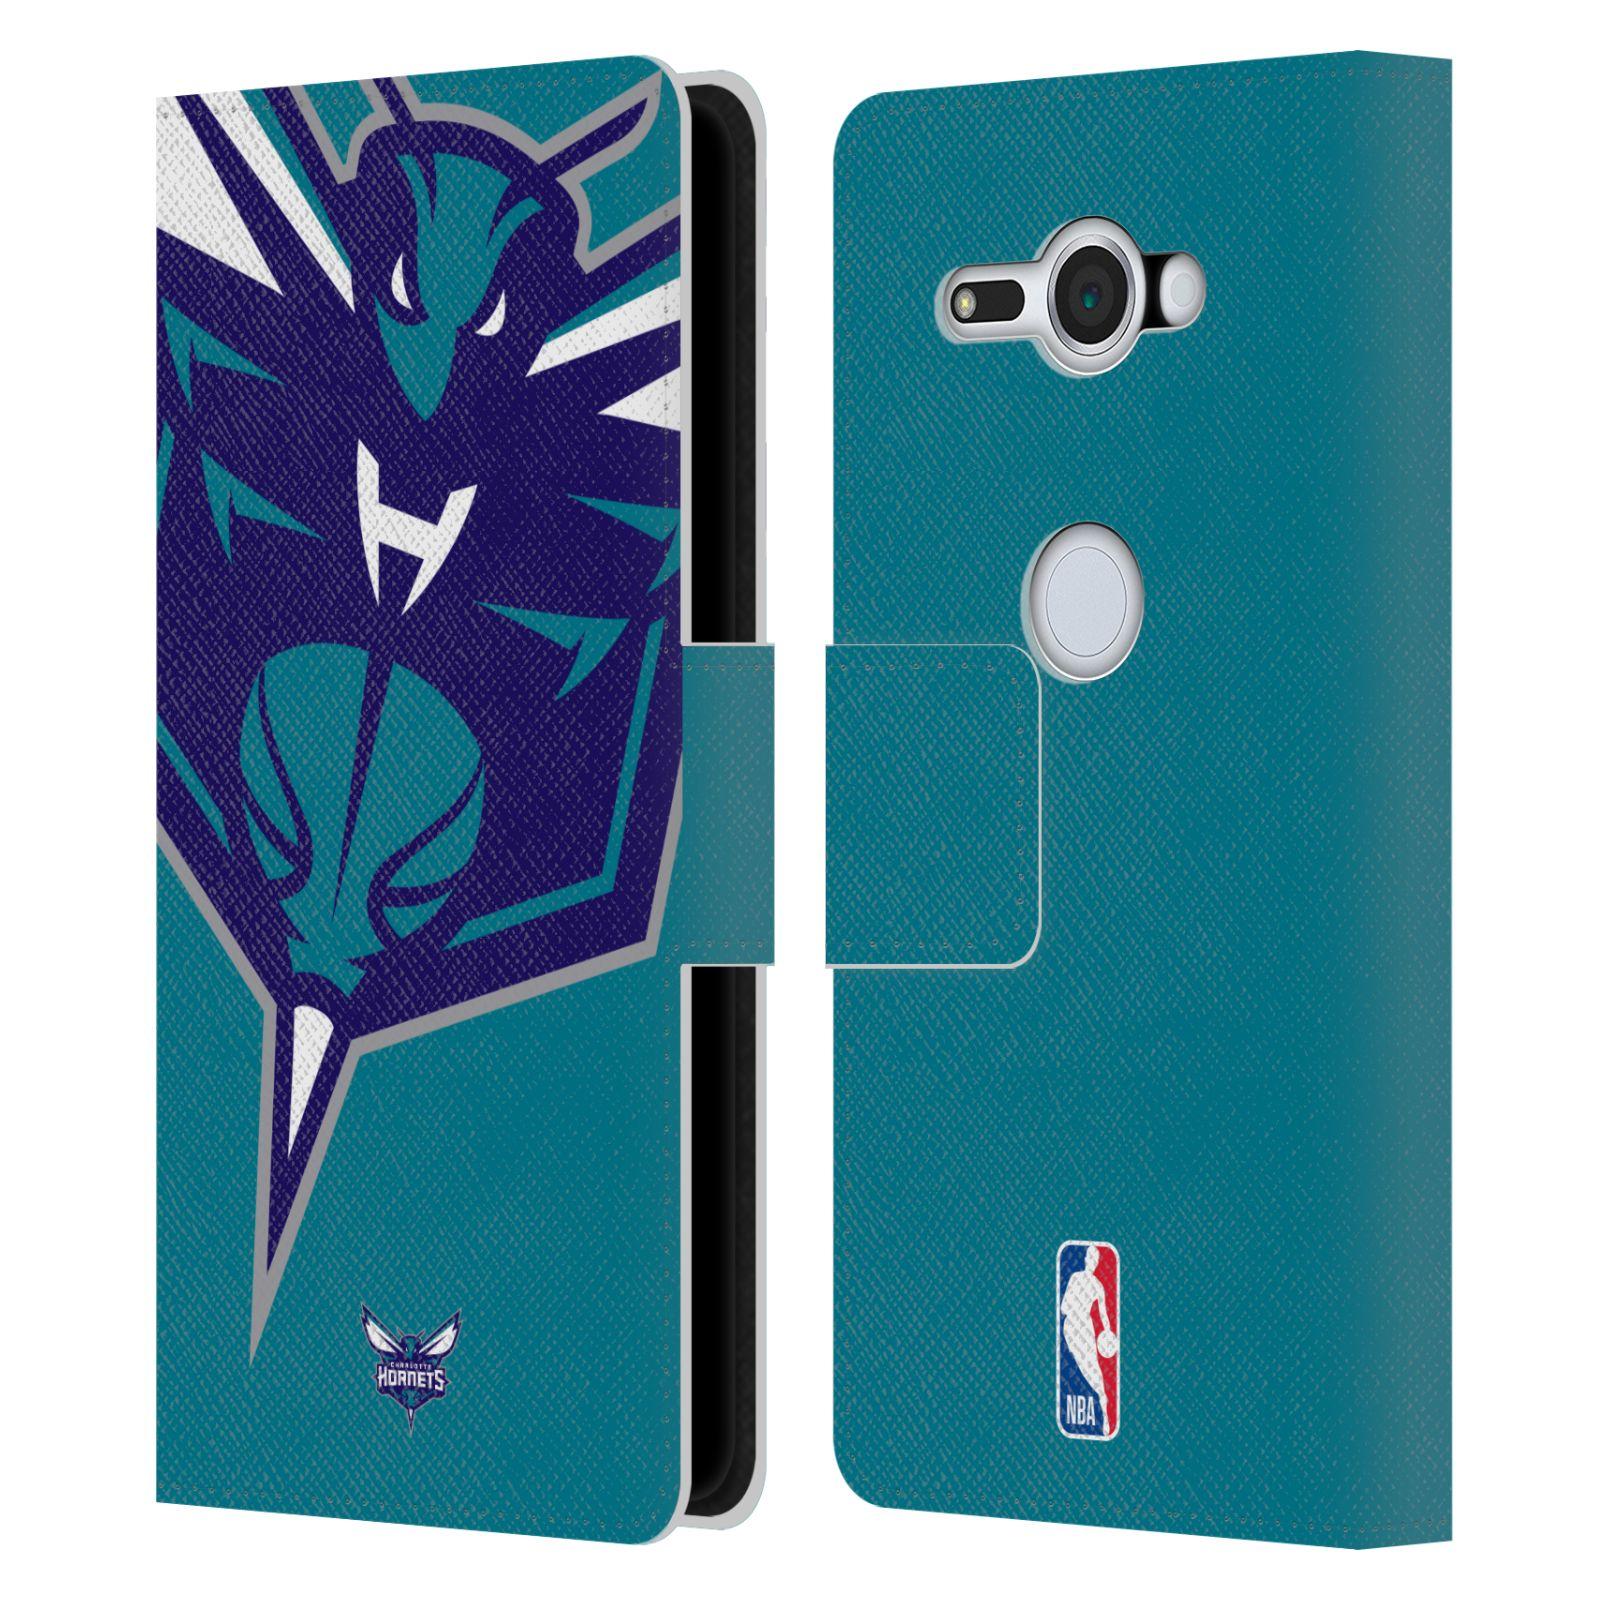 Pouzdro na mobil Sony Xperia XZ2 Compact - Head Case -NBA - Charlotte Hornets modrá barva velký znak